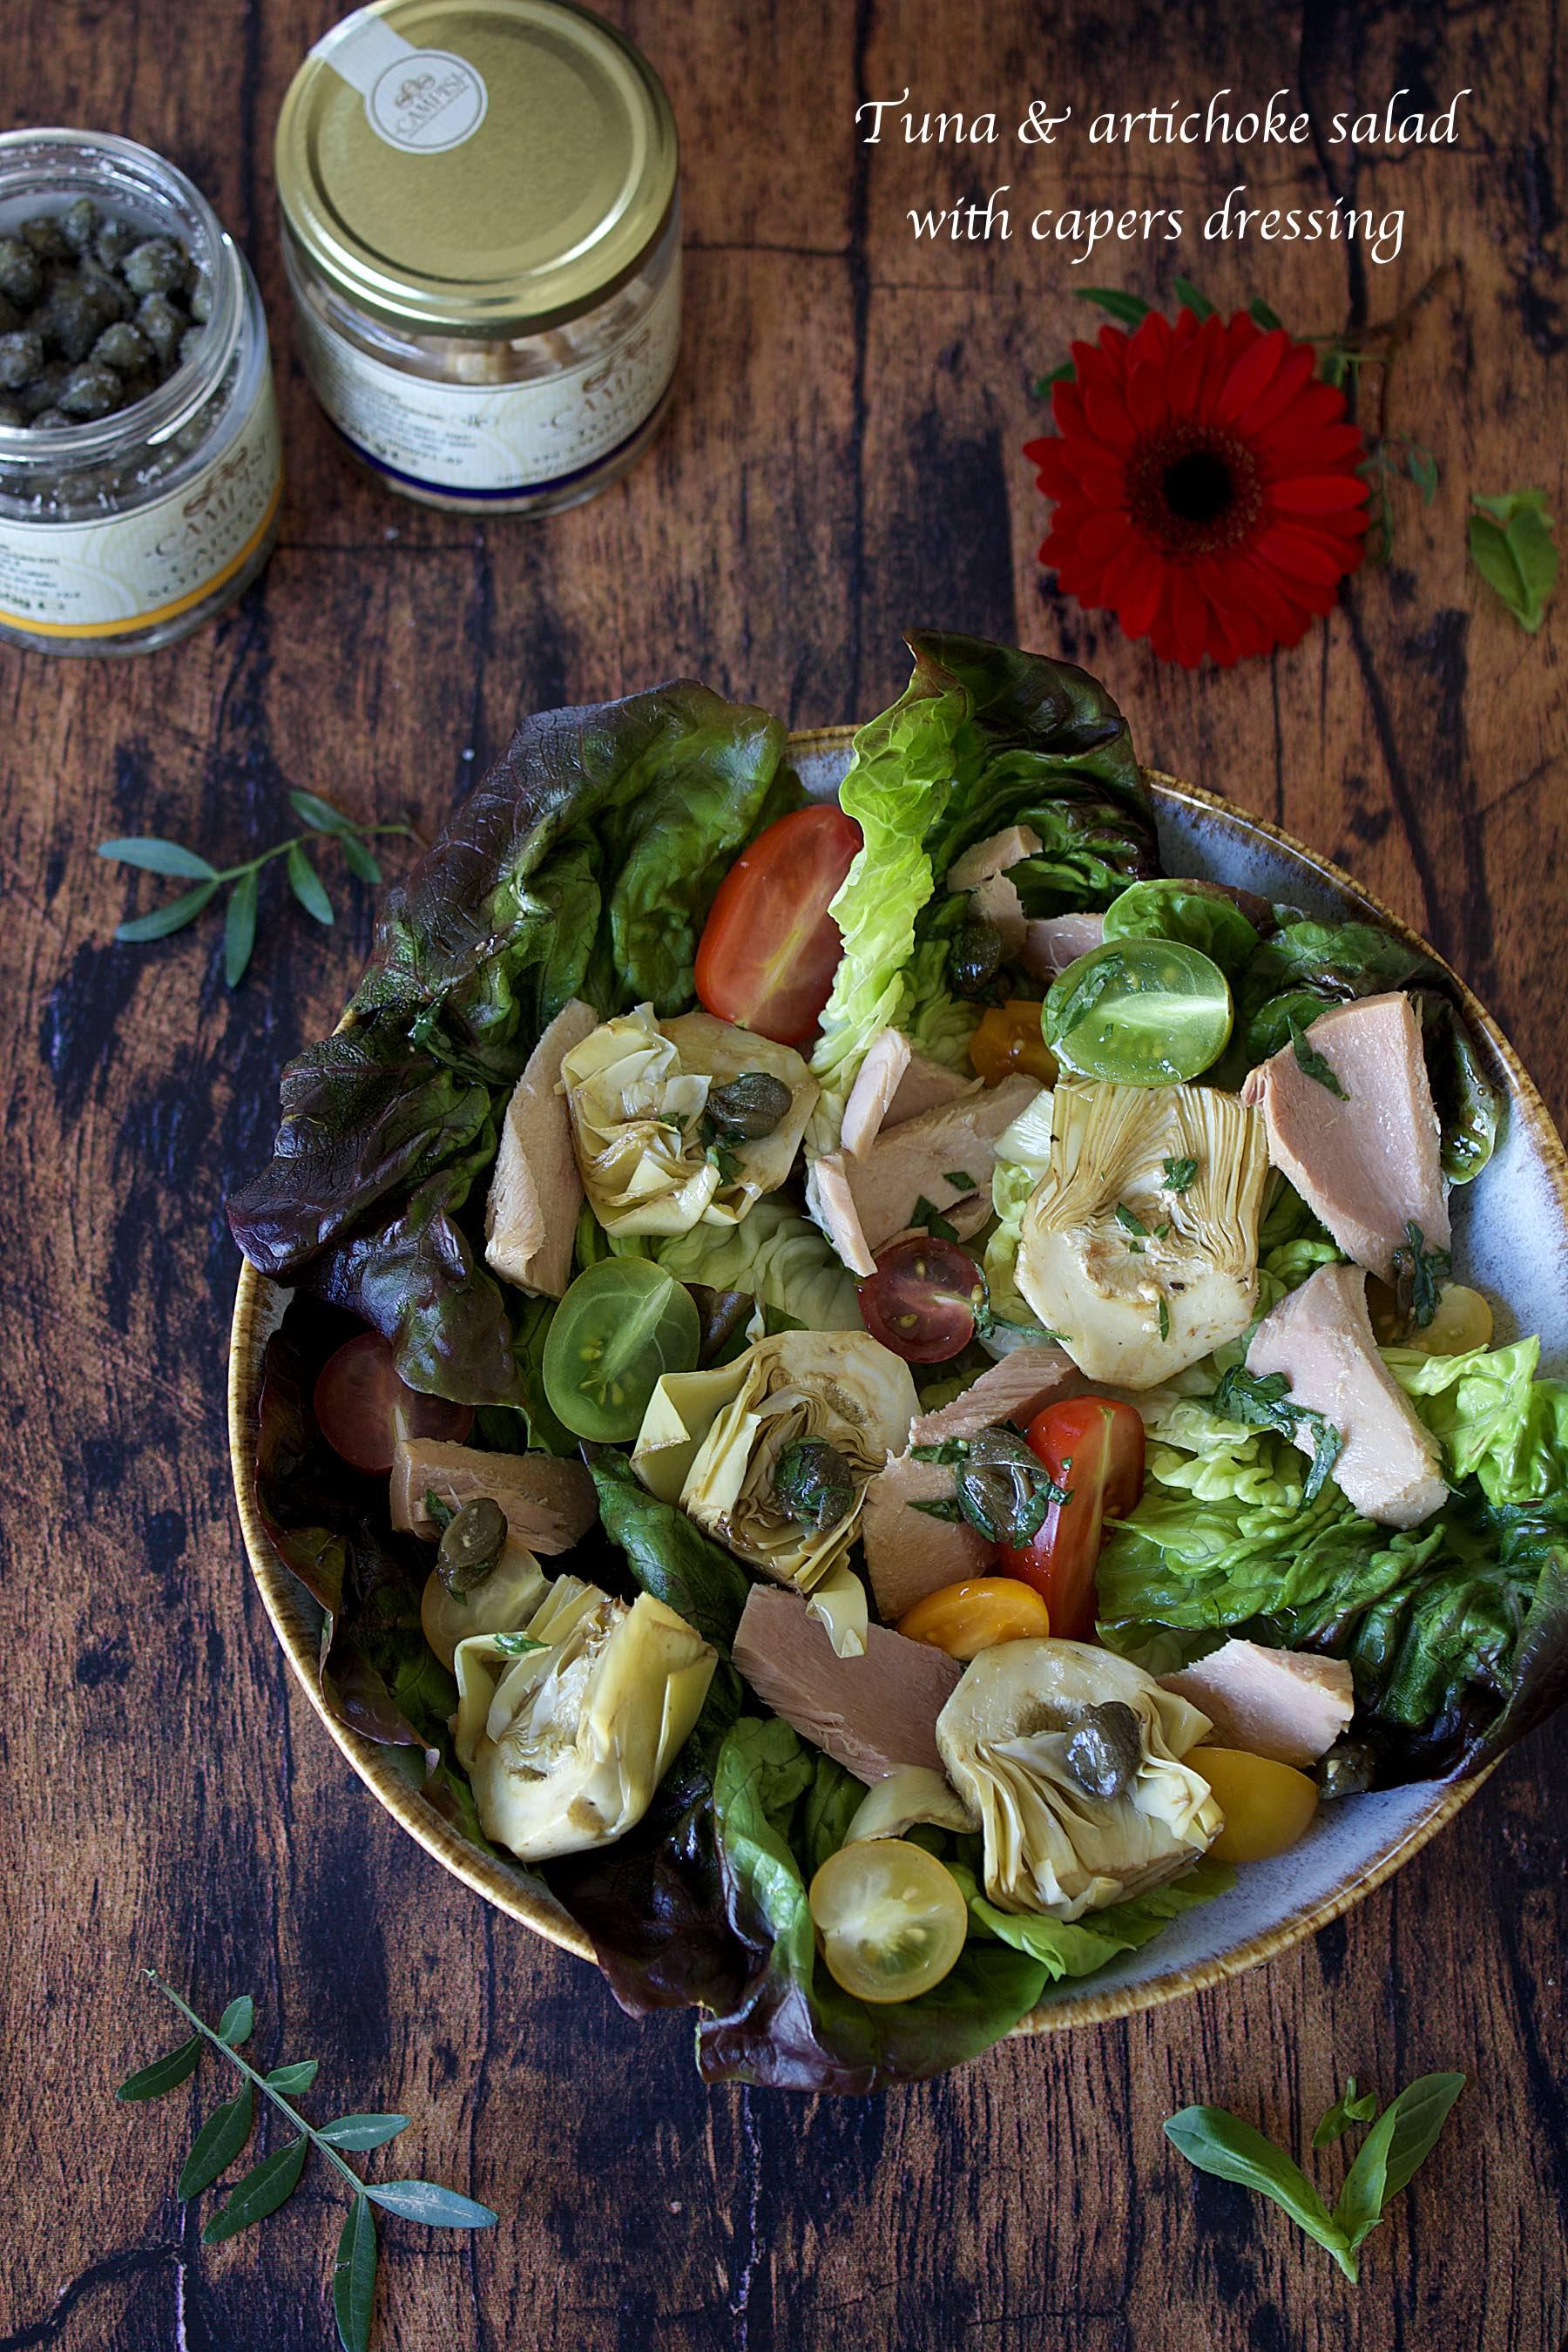 Salade de thon à l'artichaut, sauce aux câpres avec Campisi